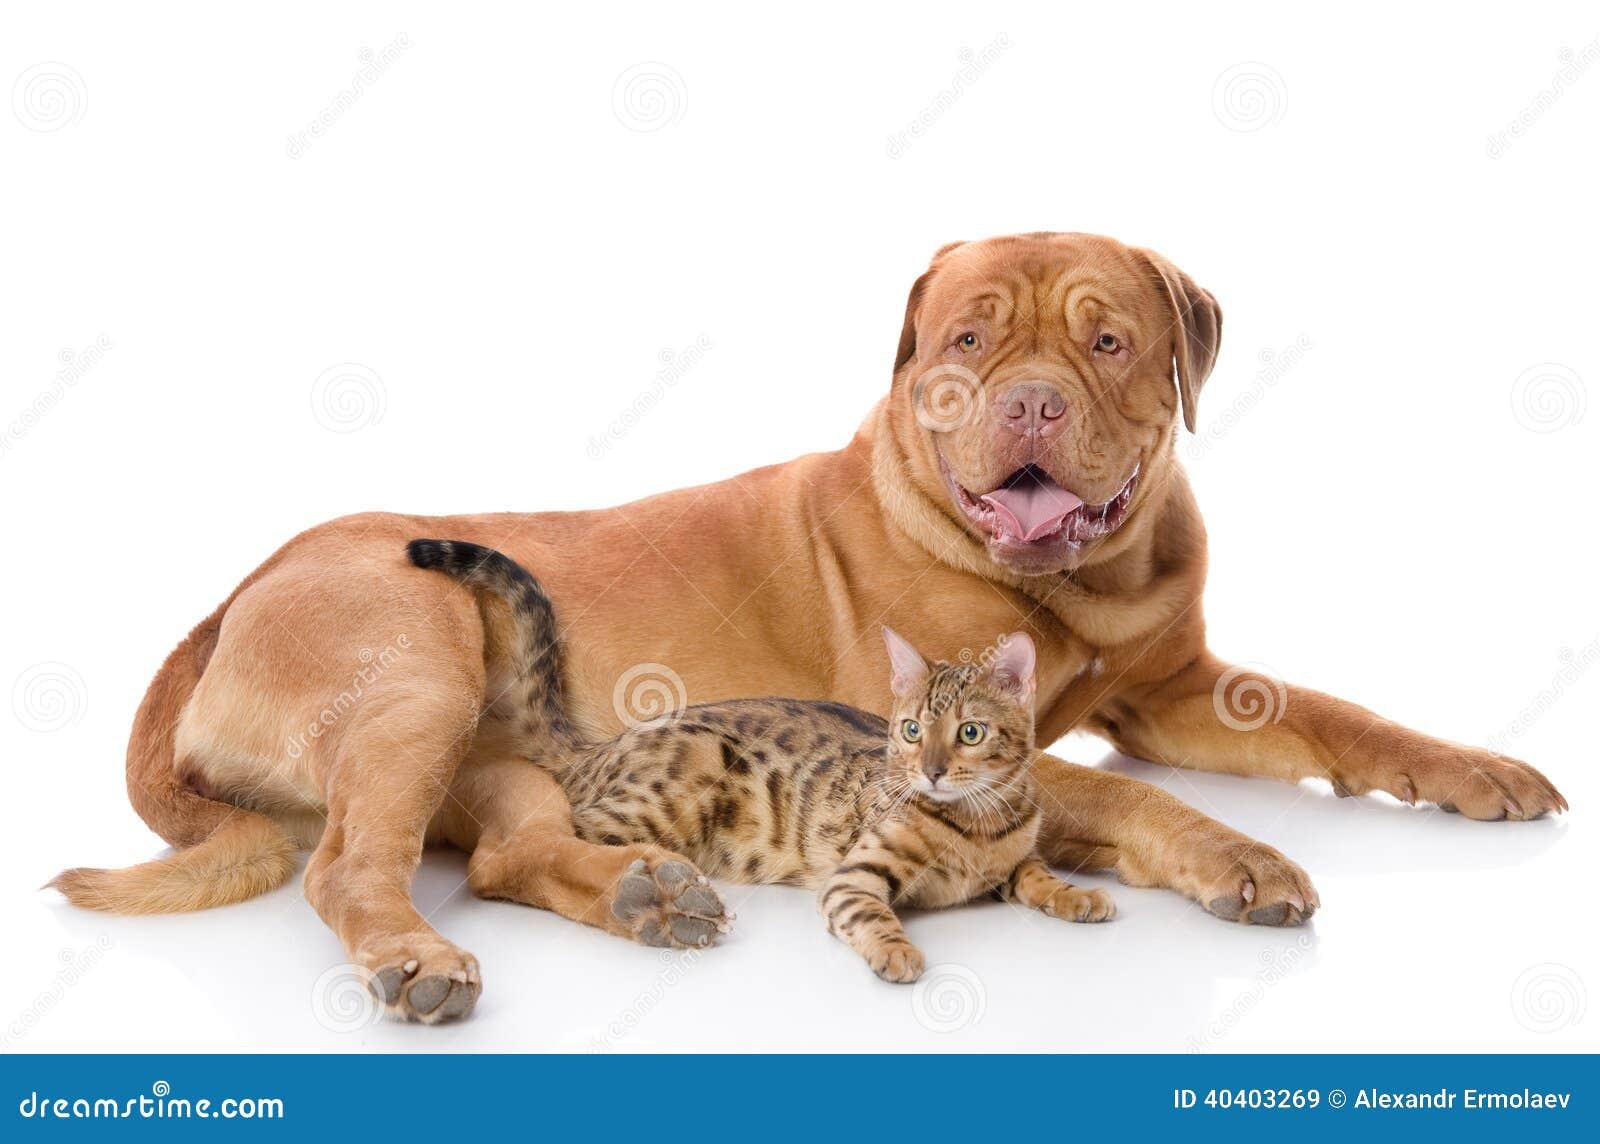 Dogue De Bordeaux And Bengal Cat Stock Image Image Of Leopard